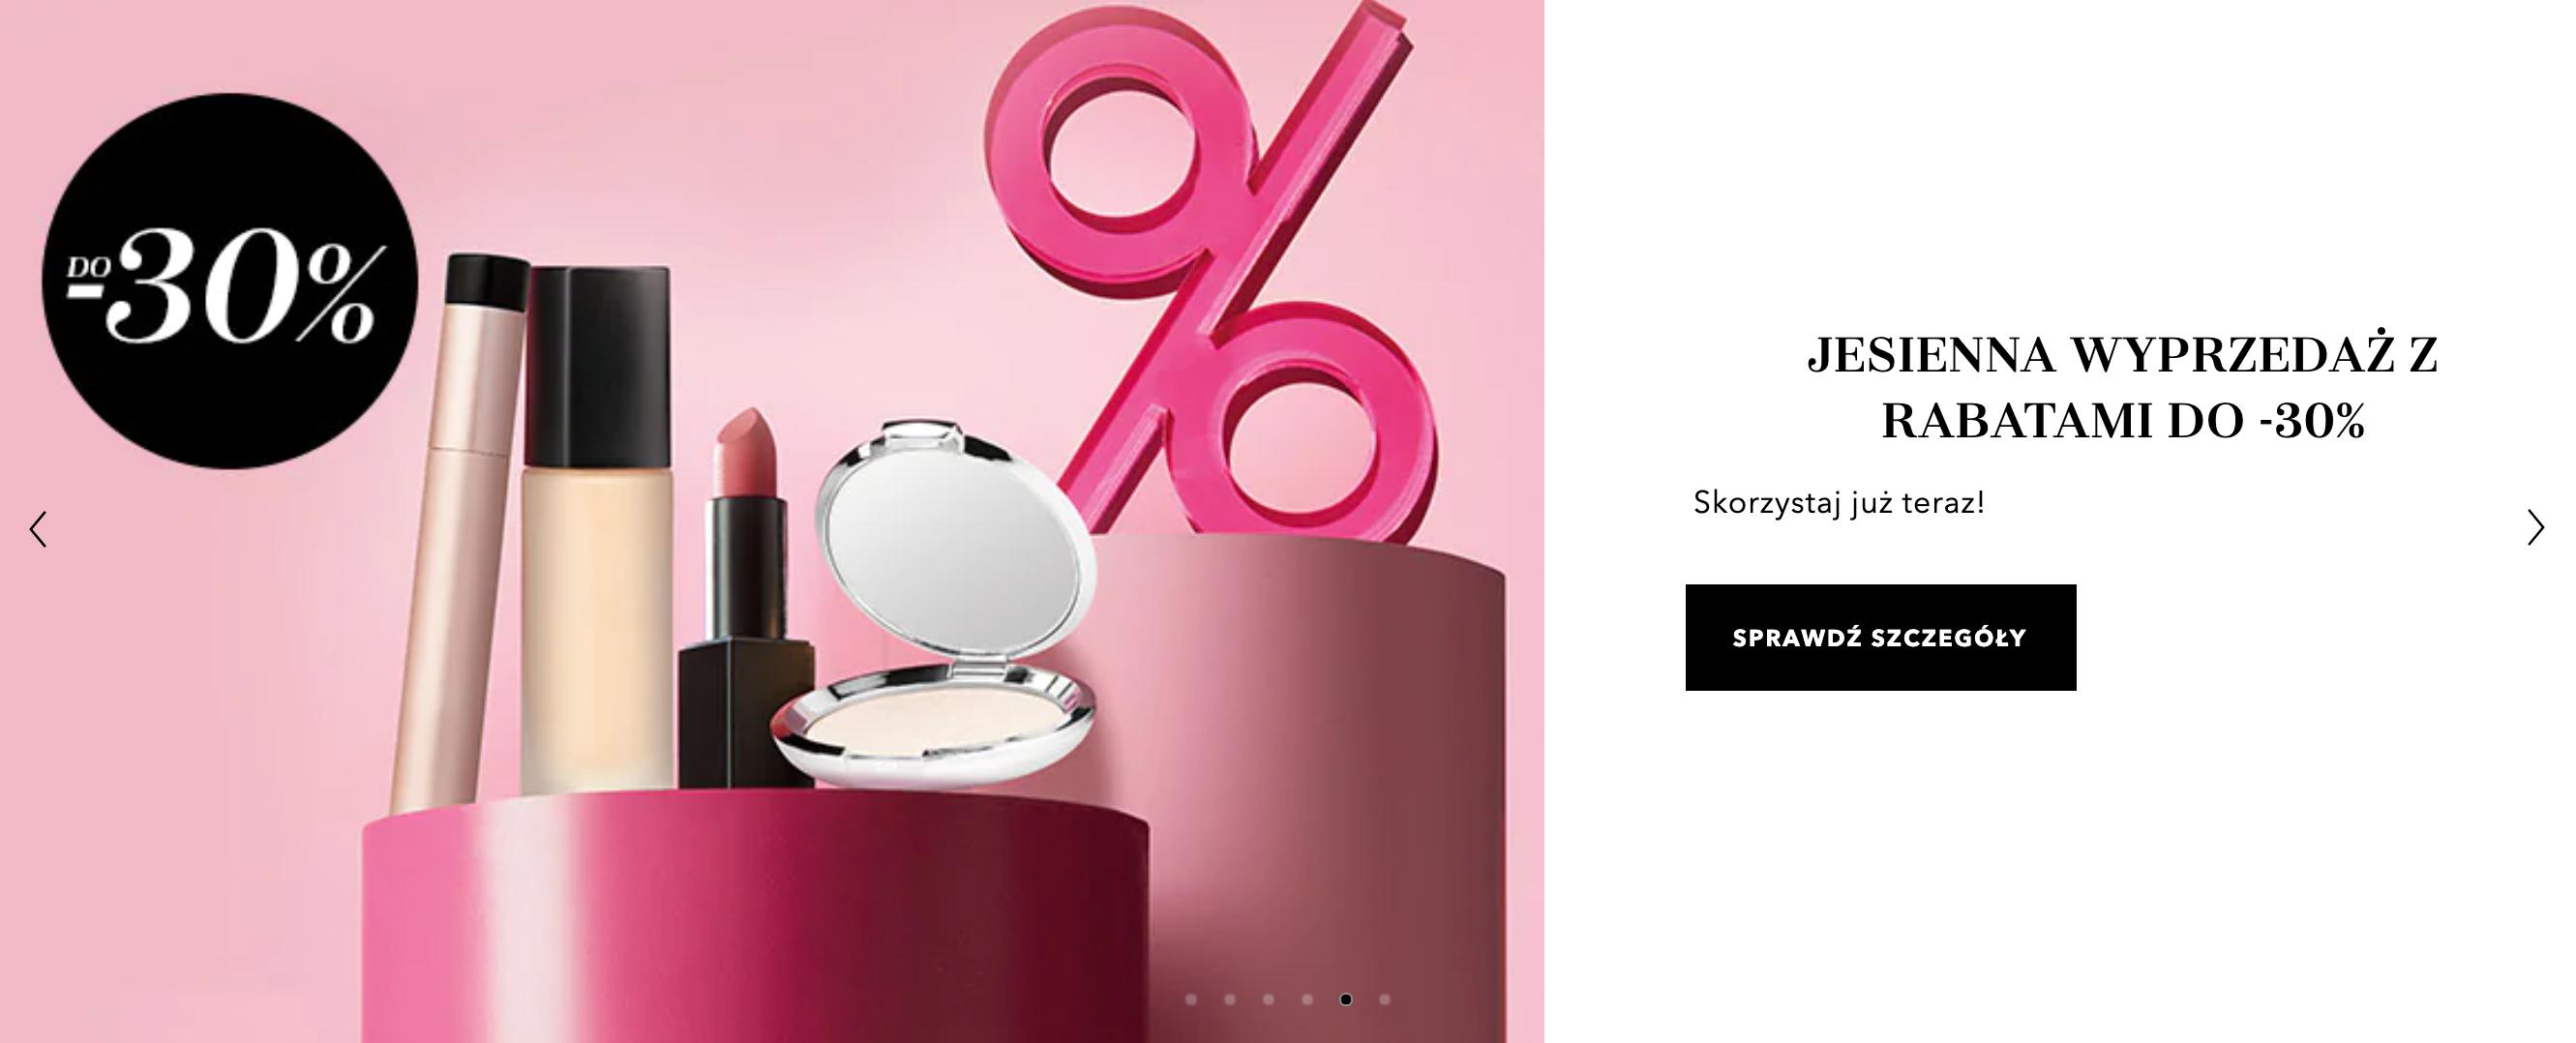 Douglas: jesienna wyprzedaż do 30% zniżki na kosmetyki i perfumy